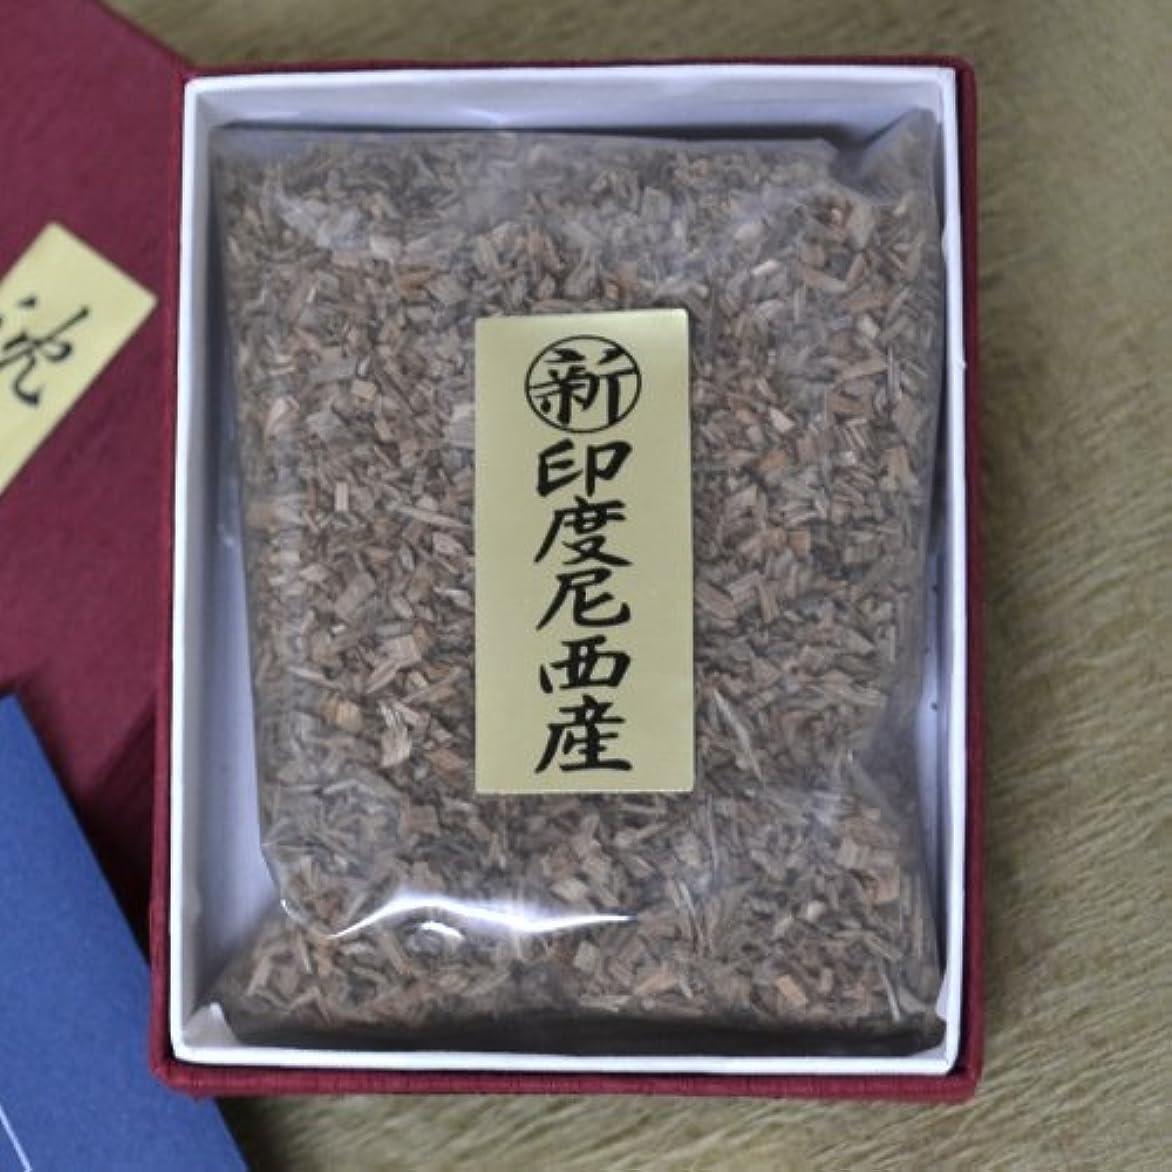 処分した小石枢機卿香木 お焼香 新インドネシア産 沈香 【最高級品】 18g